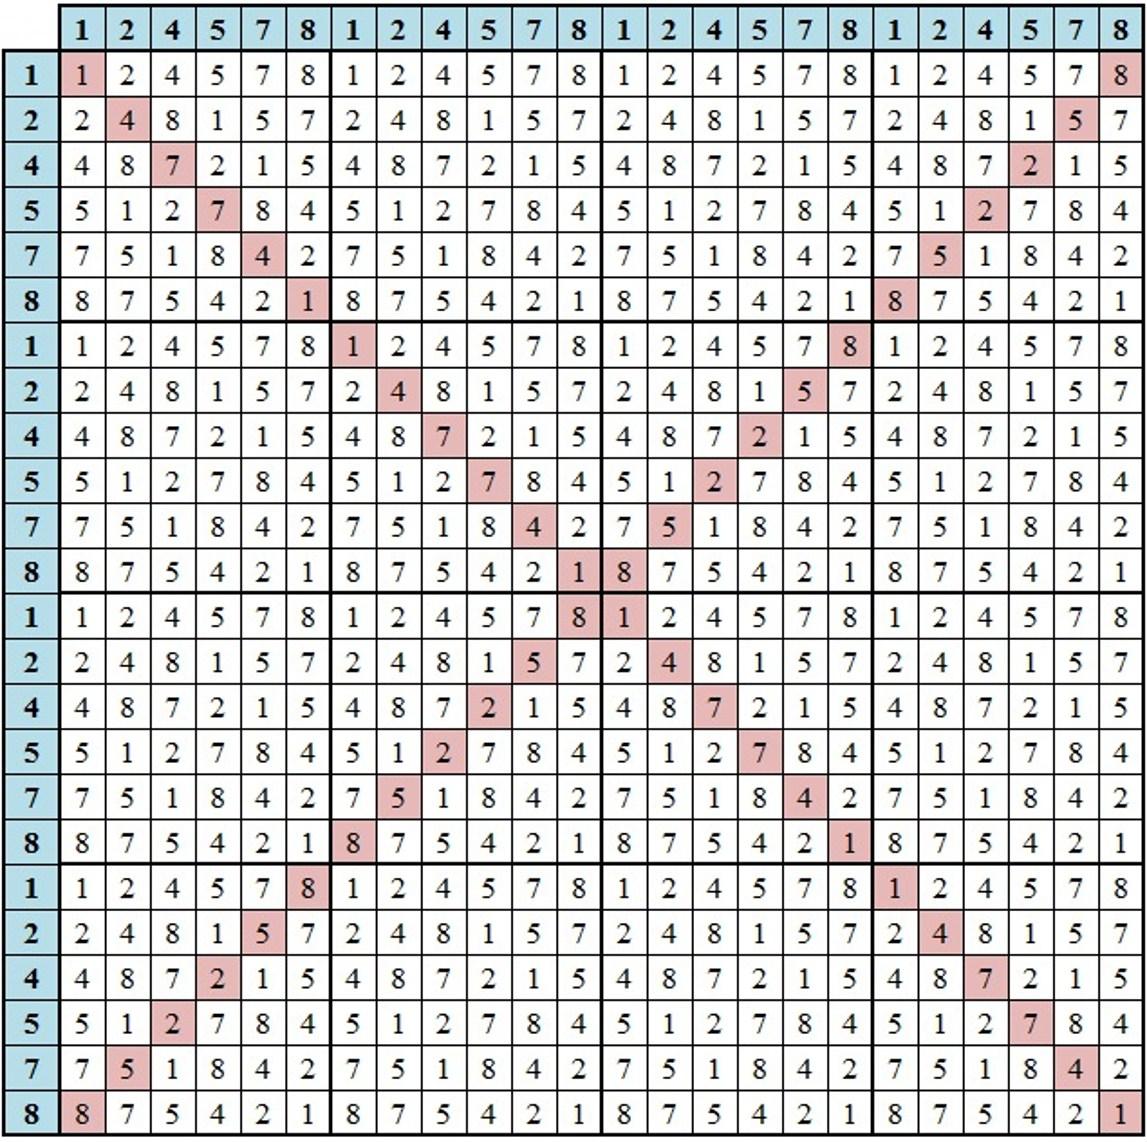 Magic Mirror Matrix Reveals Perfect Symmetry Encompassing